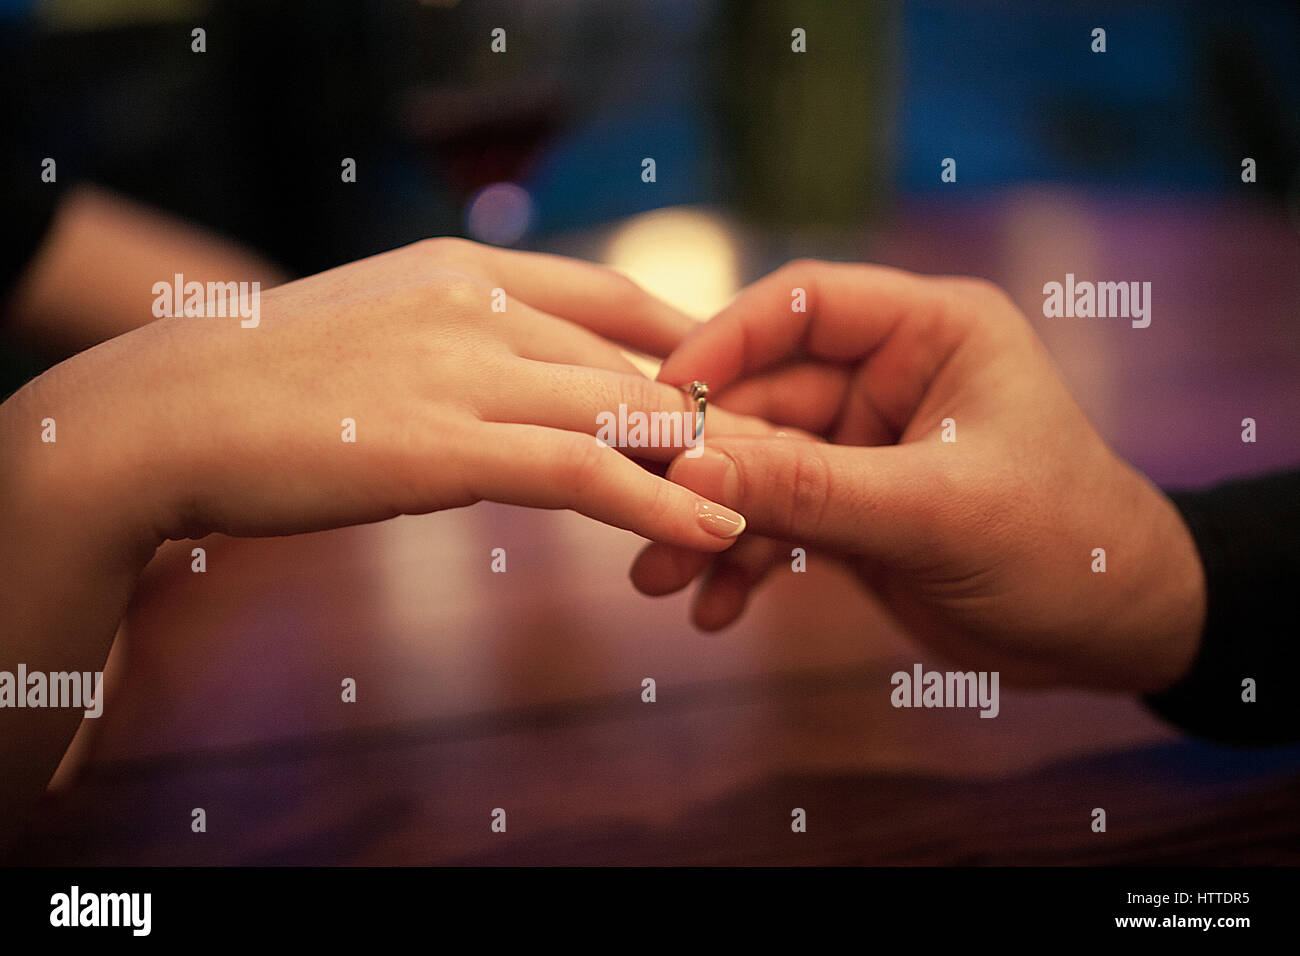 Junger Mann macht Frau Heiratsantrag und setzt ein Engagement ring an ihrem Finger. Hautnah. Sie sitzen am Tisch. Stockbild